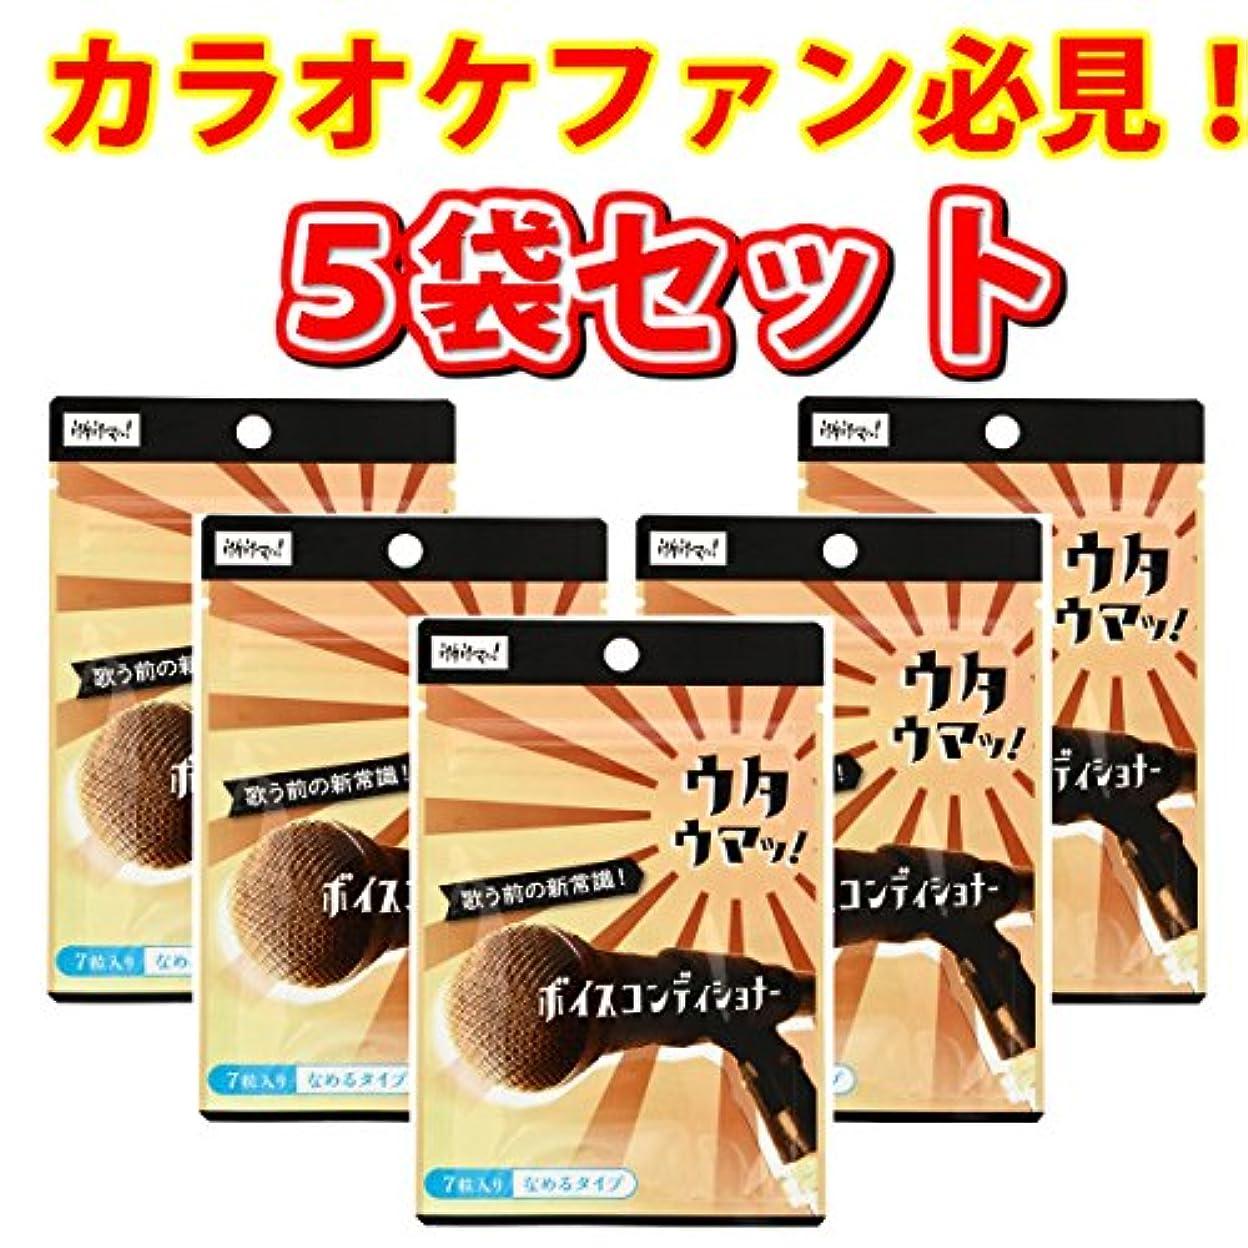 使役変わる苦行カラオケサプリの決定版 《ボイスコンディショナー》 ウタウマッ!お得な5袋セット